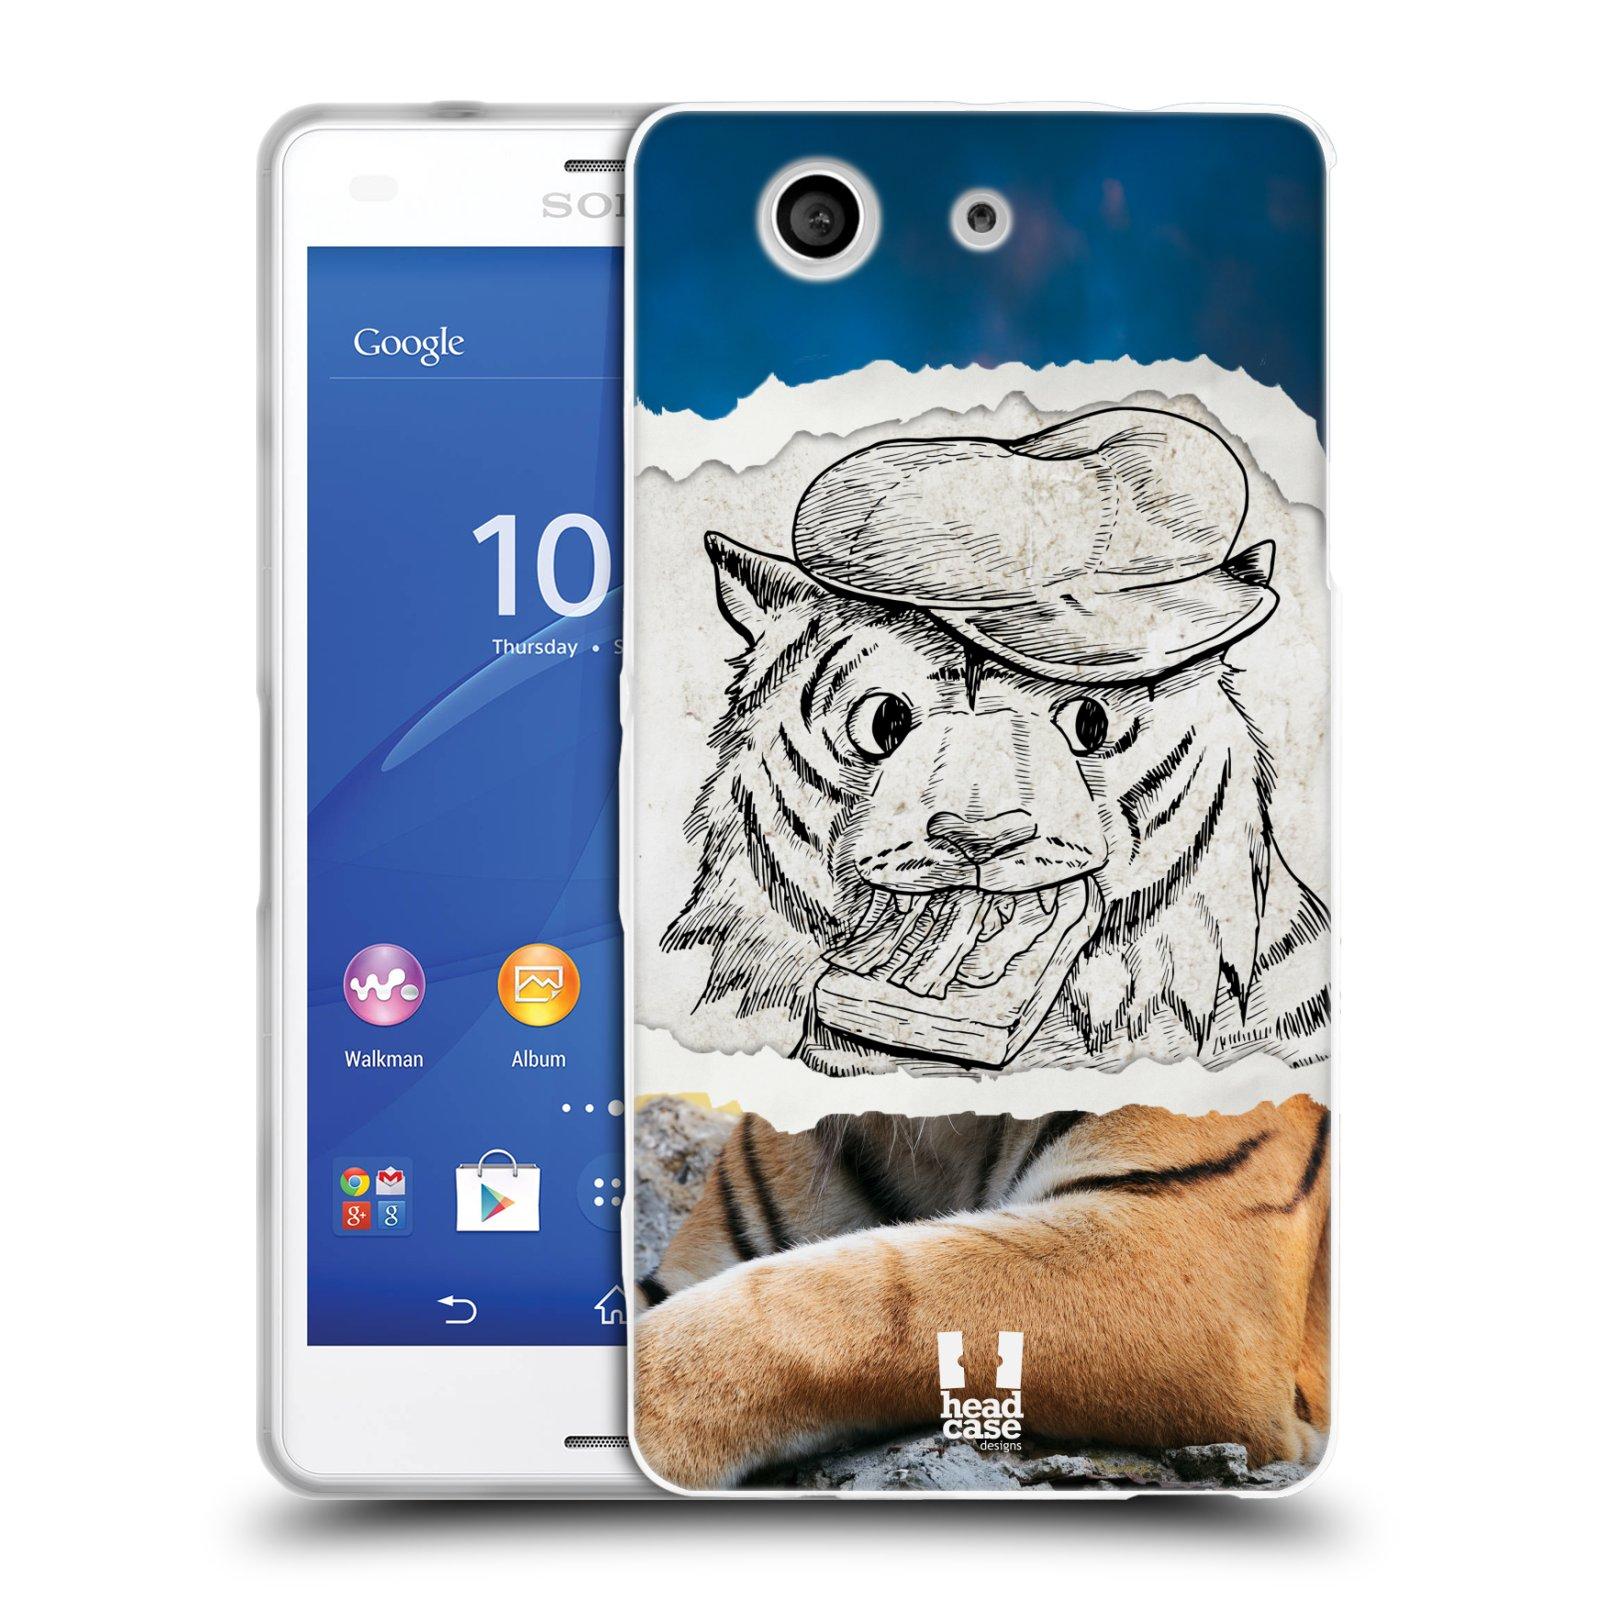 HEAD CASE silikonový obal na mobil Sony Xperia Z3 COMPACT (D5803) vzor zvířata koláž tygr fešák